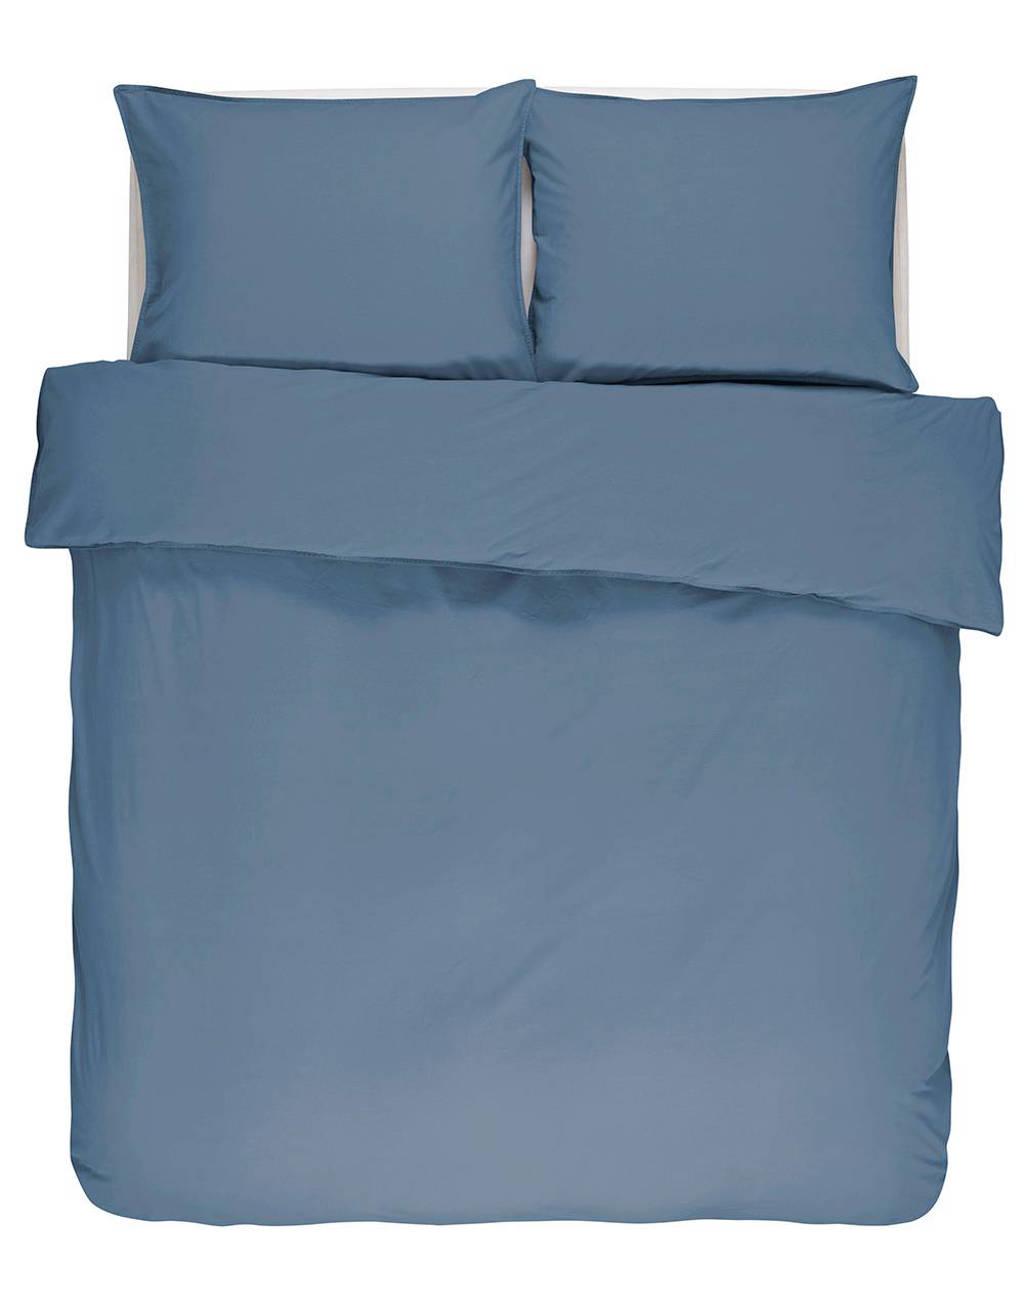 Essenza katoenen dekbedovertrek 1 persoons, Jeansblauw, 1 persoons (140 cm breed)